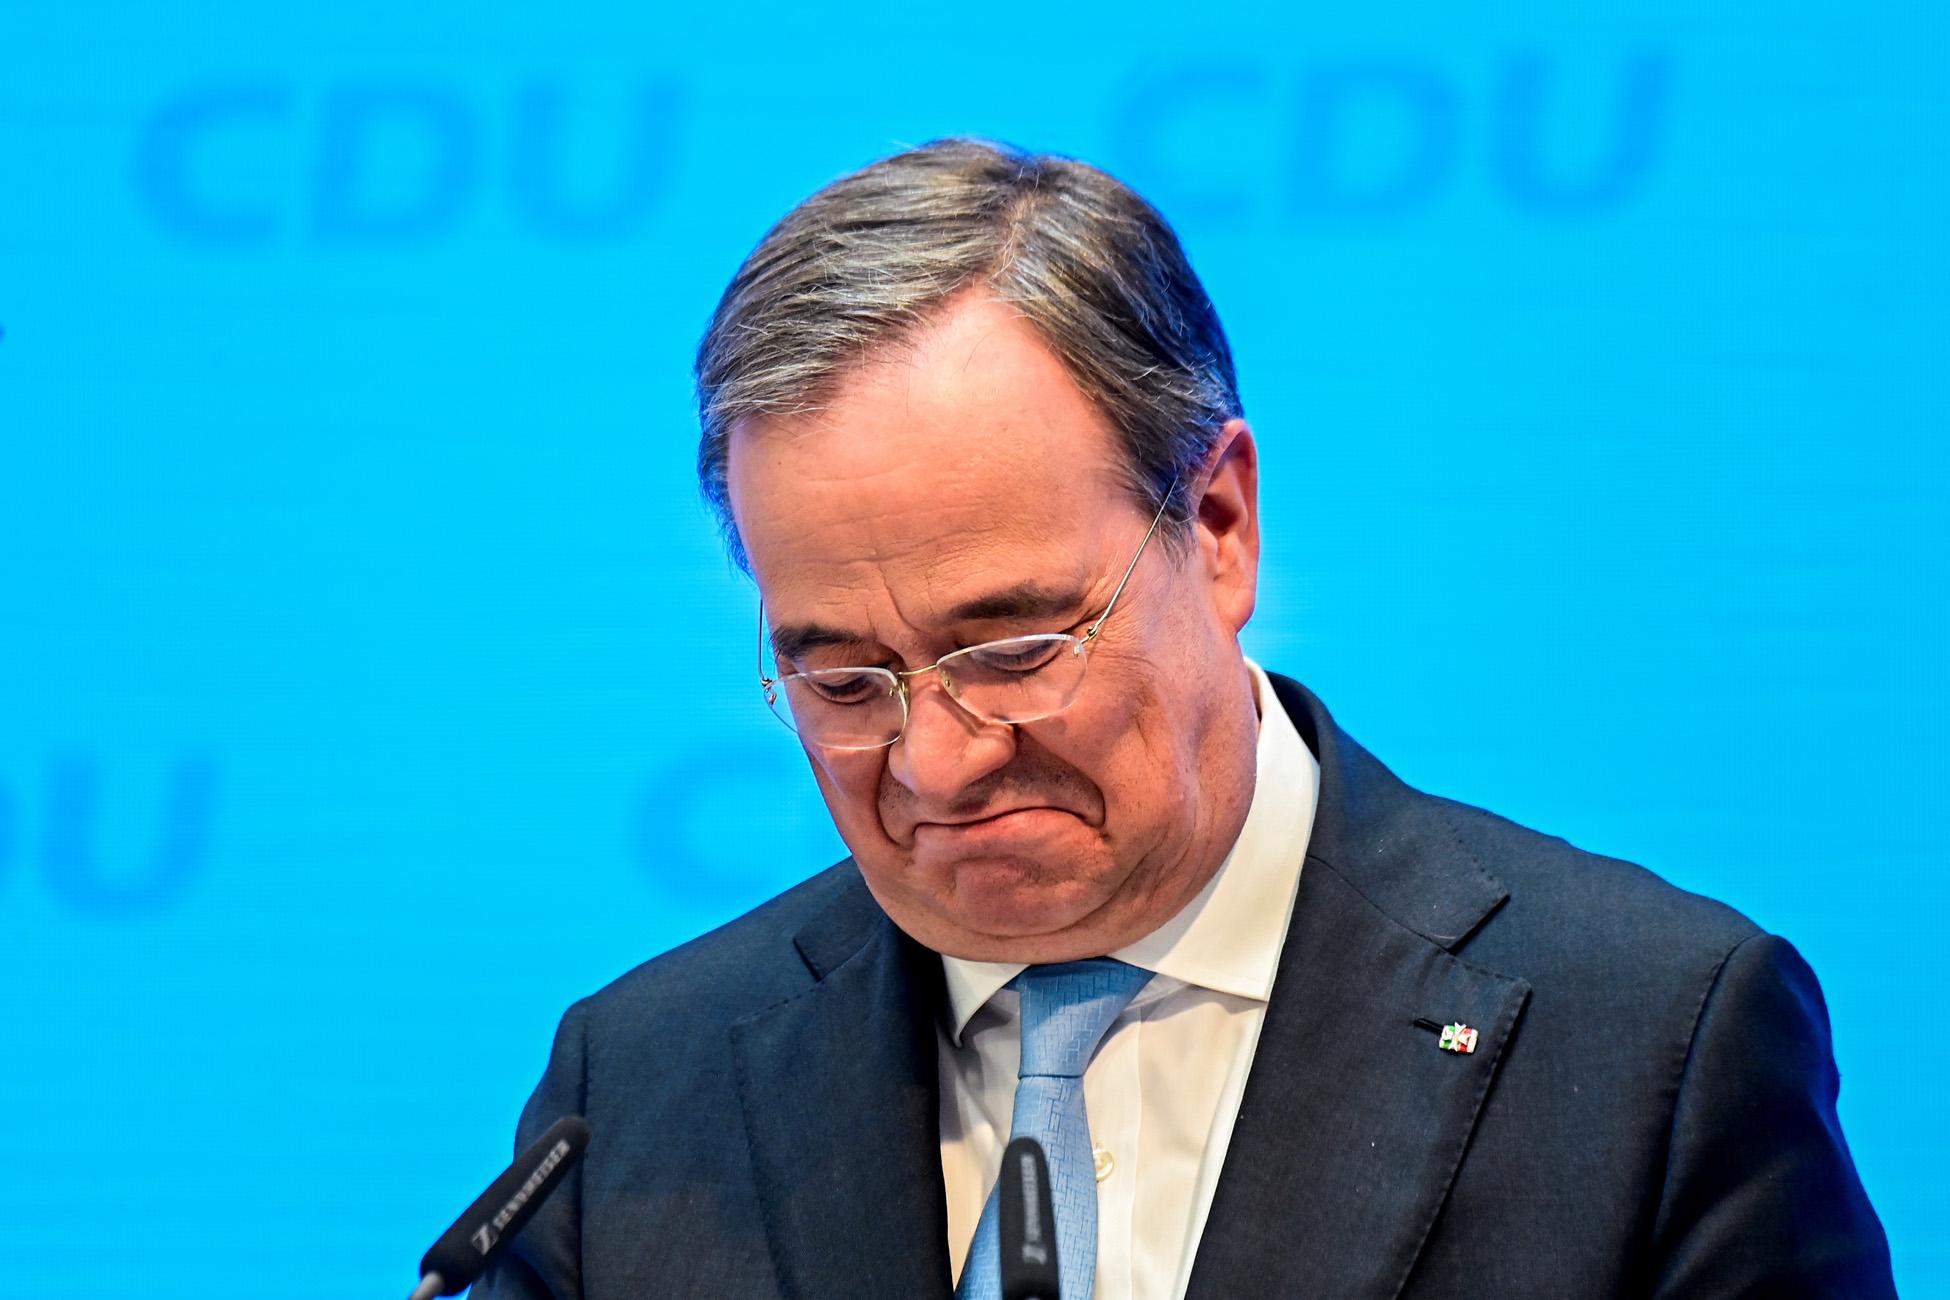 Γερμανία: «Λάθος επιλογή» ο Άρμιν Λάσετ για την Καγκελαρία λένε οι πολίτες